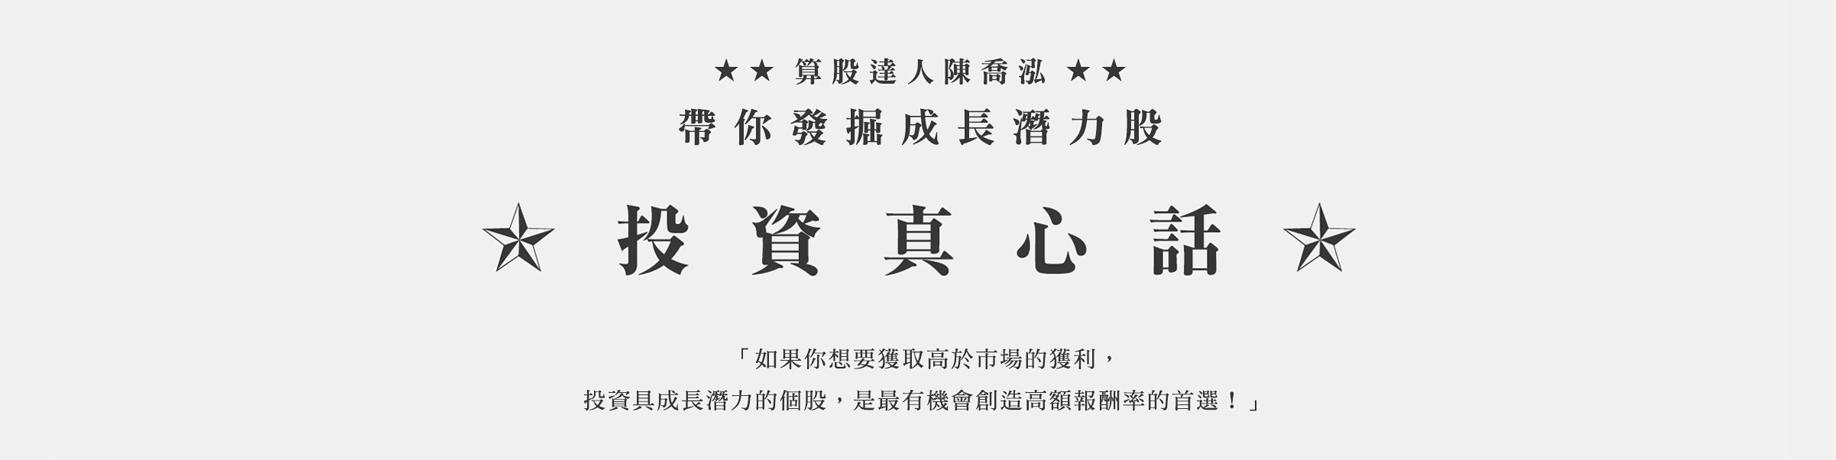 陳喬泓的投資真心話:帶你發掘成長潛力股